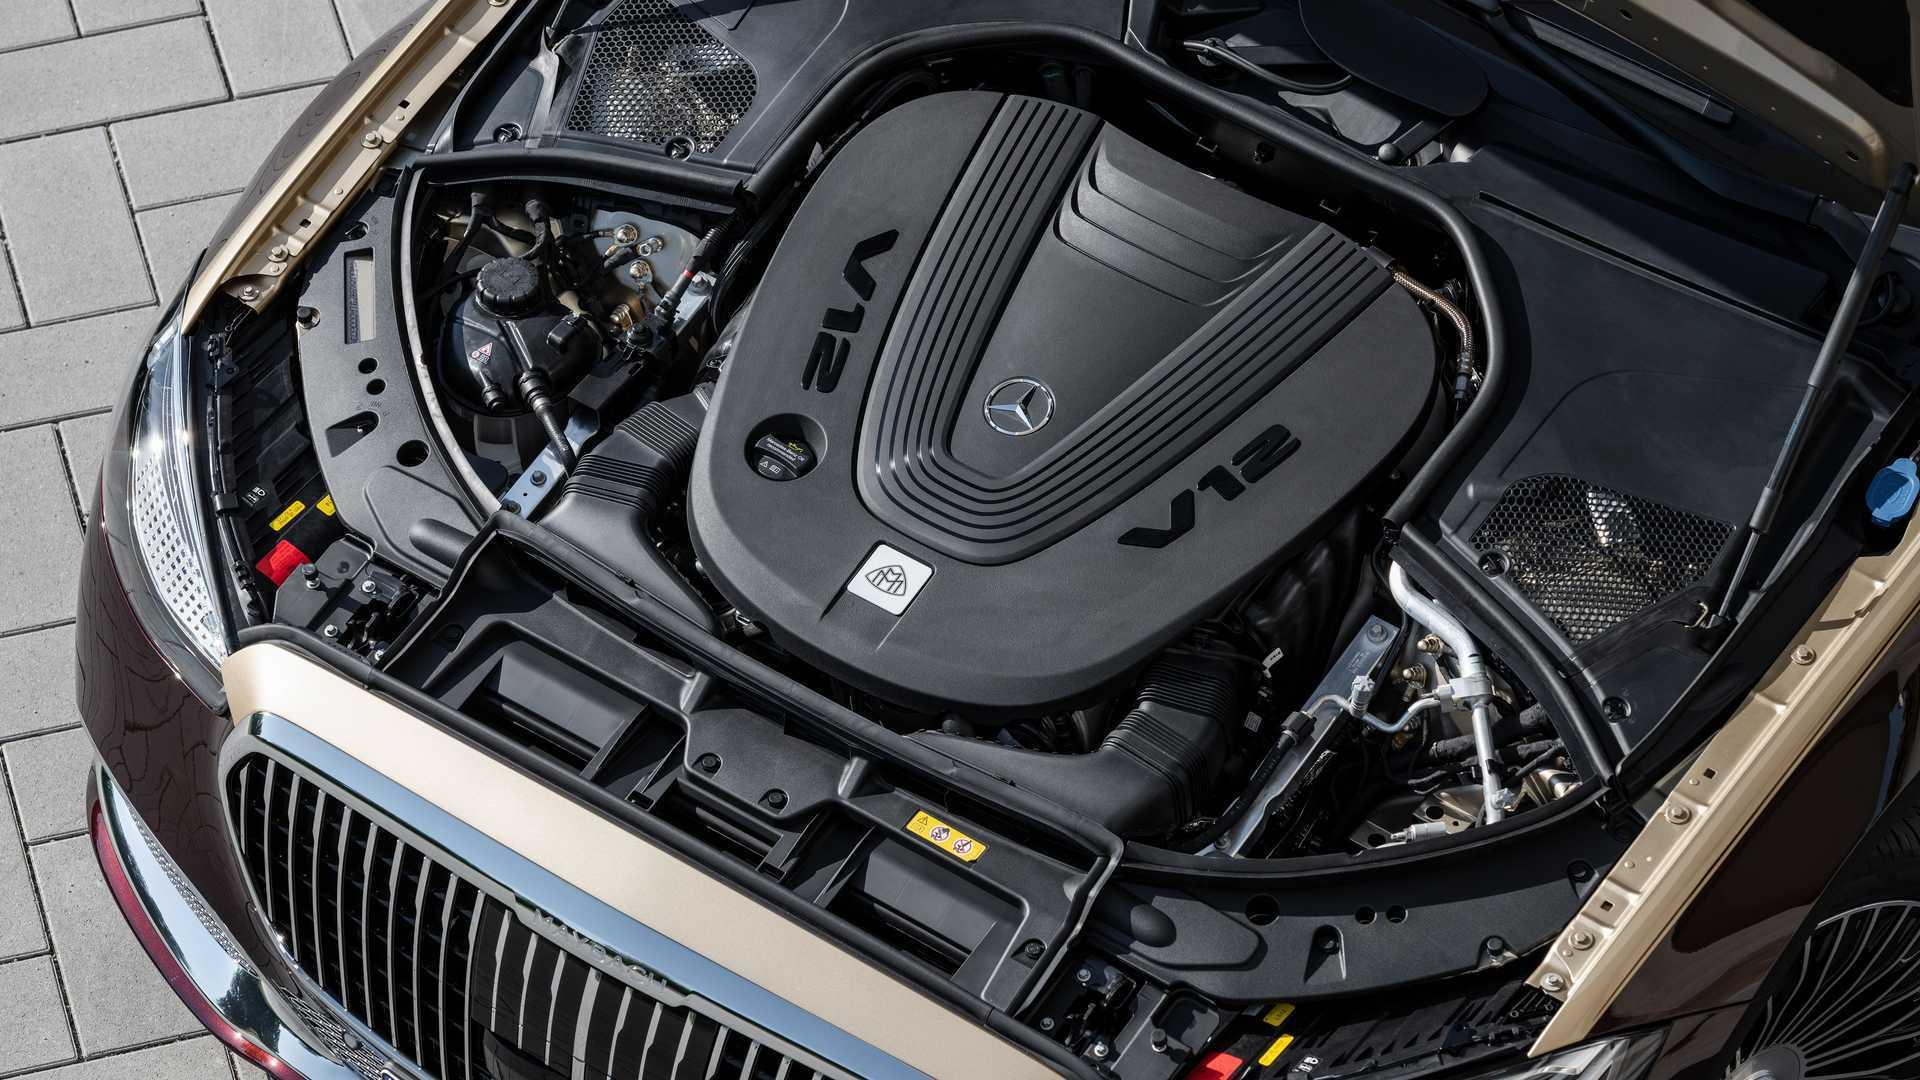 Двигатель V12, который возможно будет выдавать больше 600 л.с.